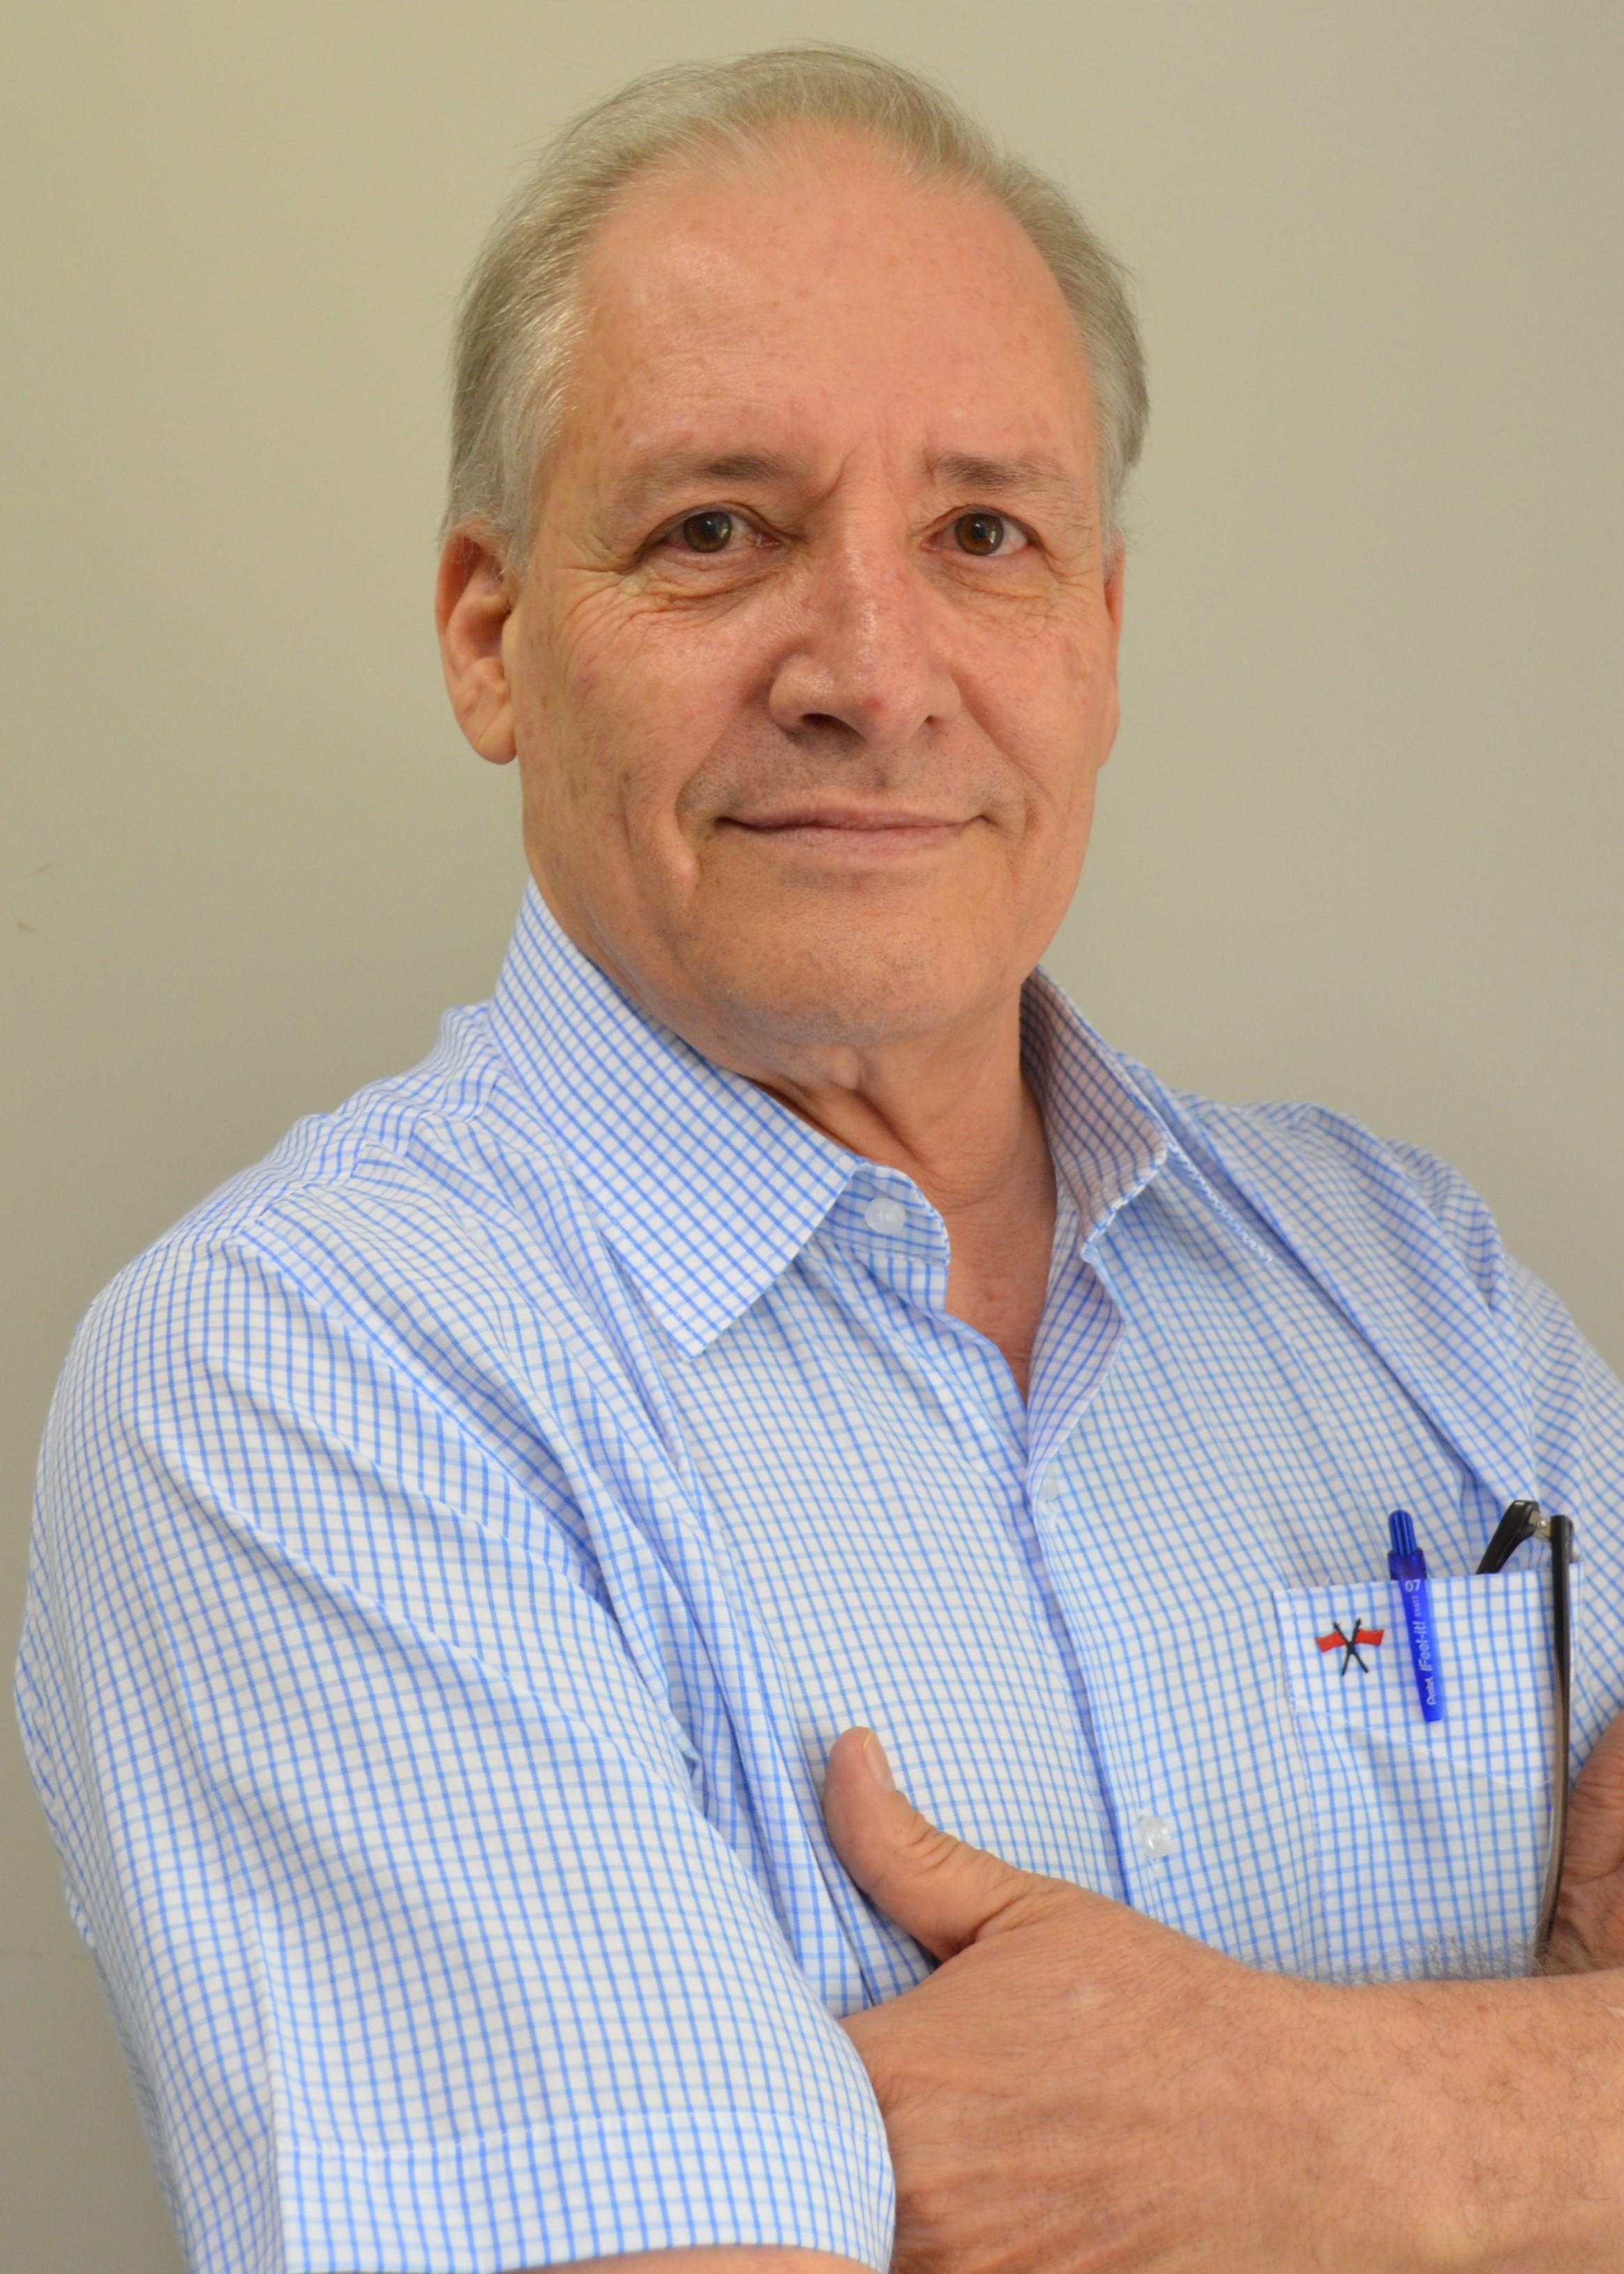 Celeocy Borges Cotrim